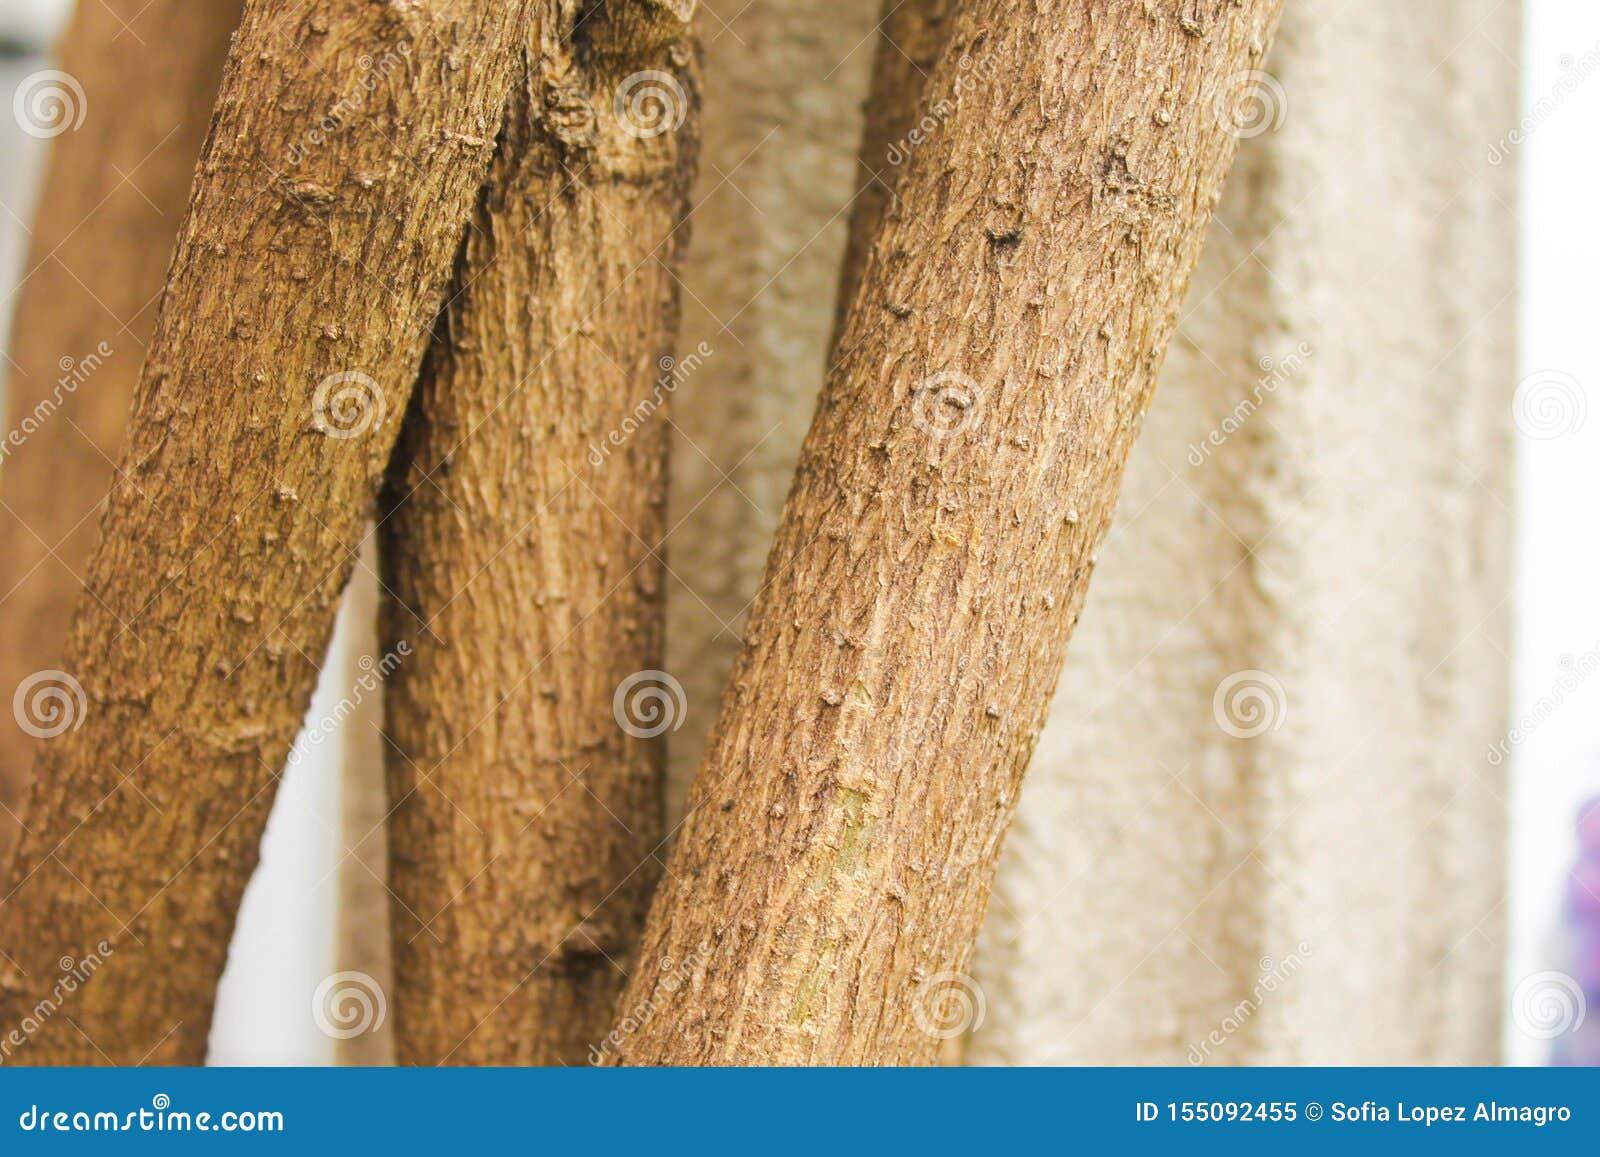 La fantasía una de la mañana de la ecología vegetal del tronco planta